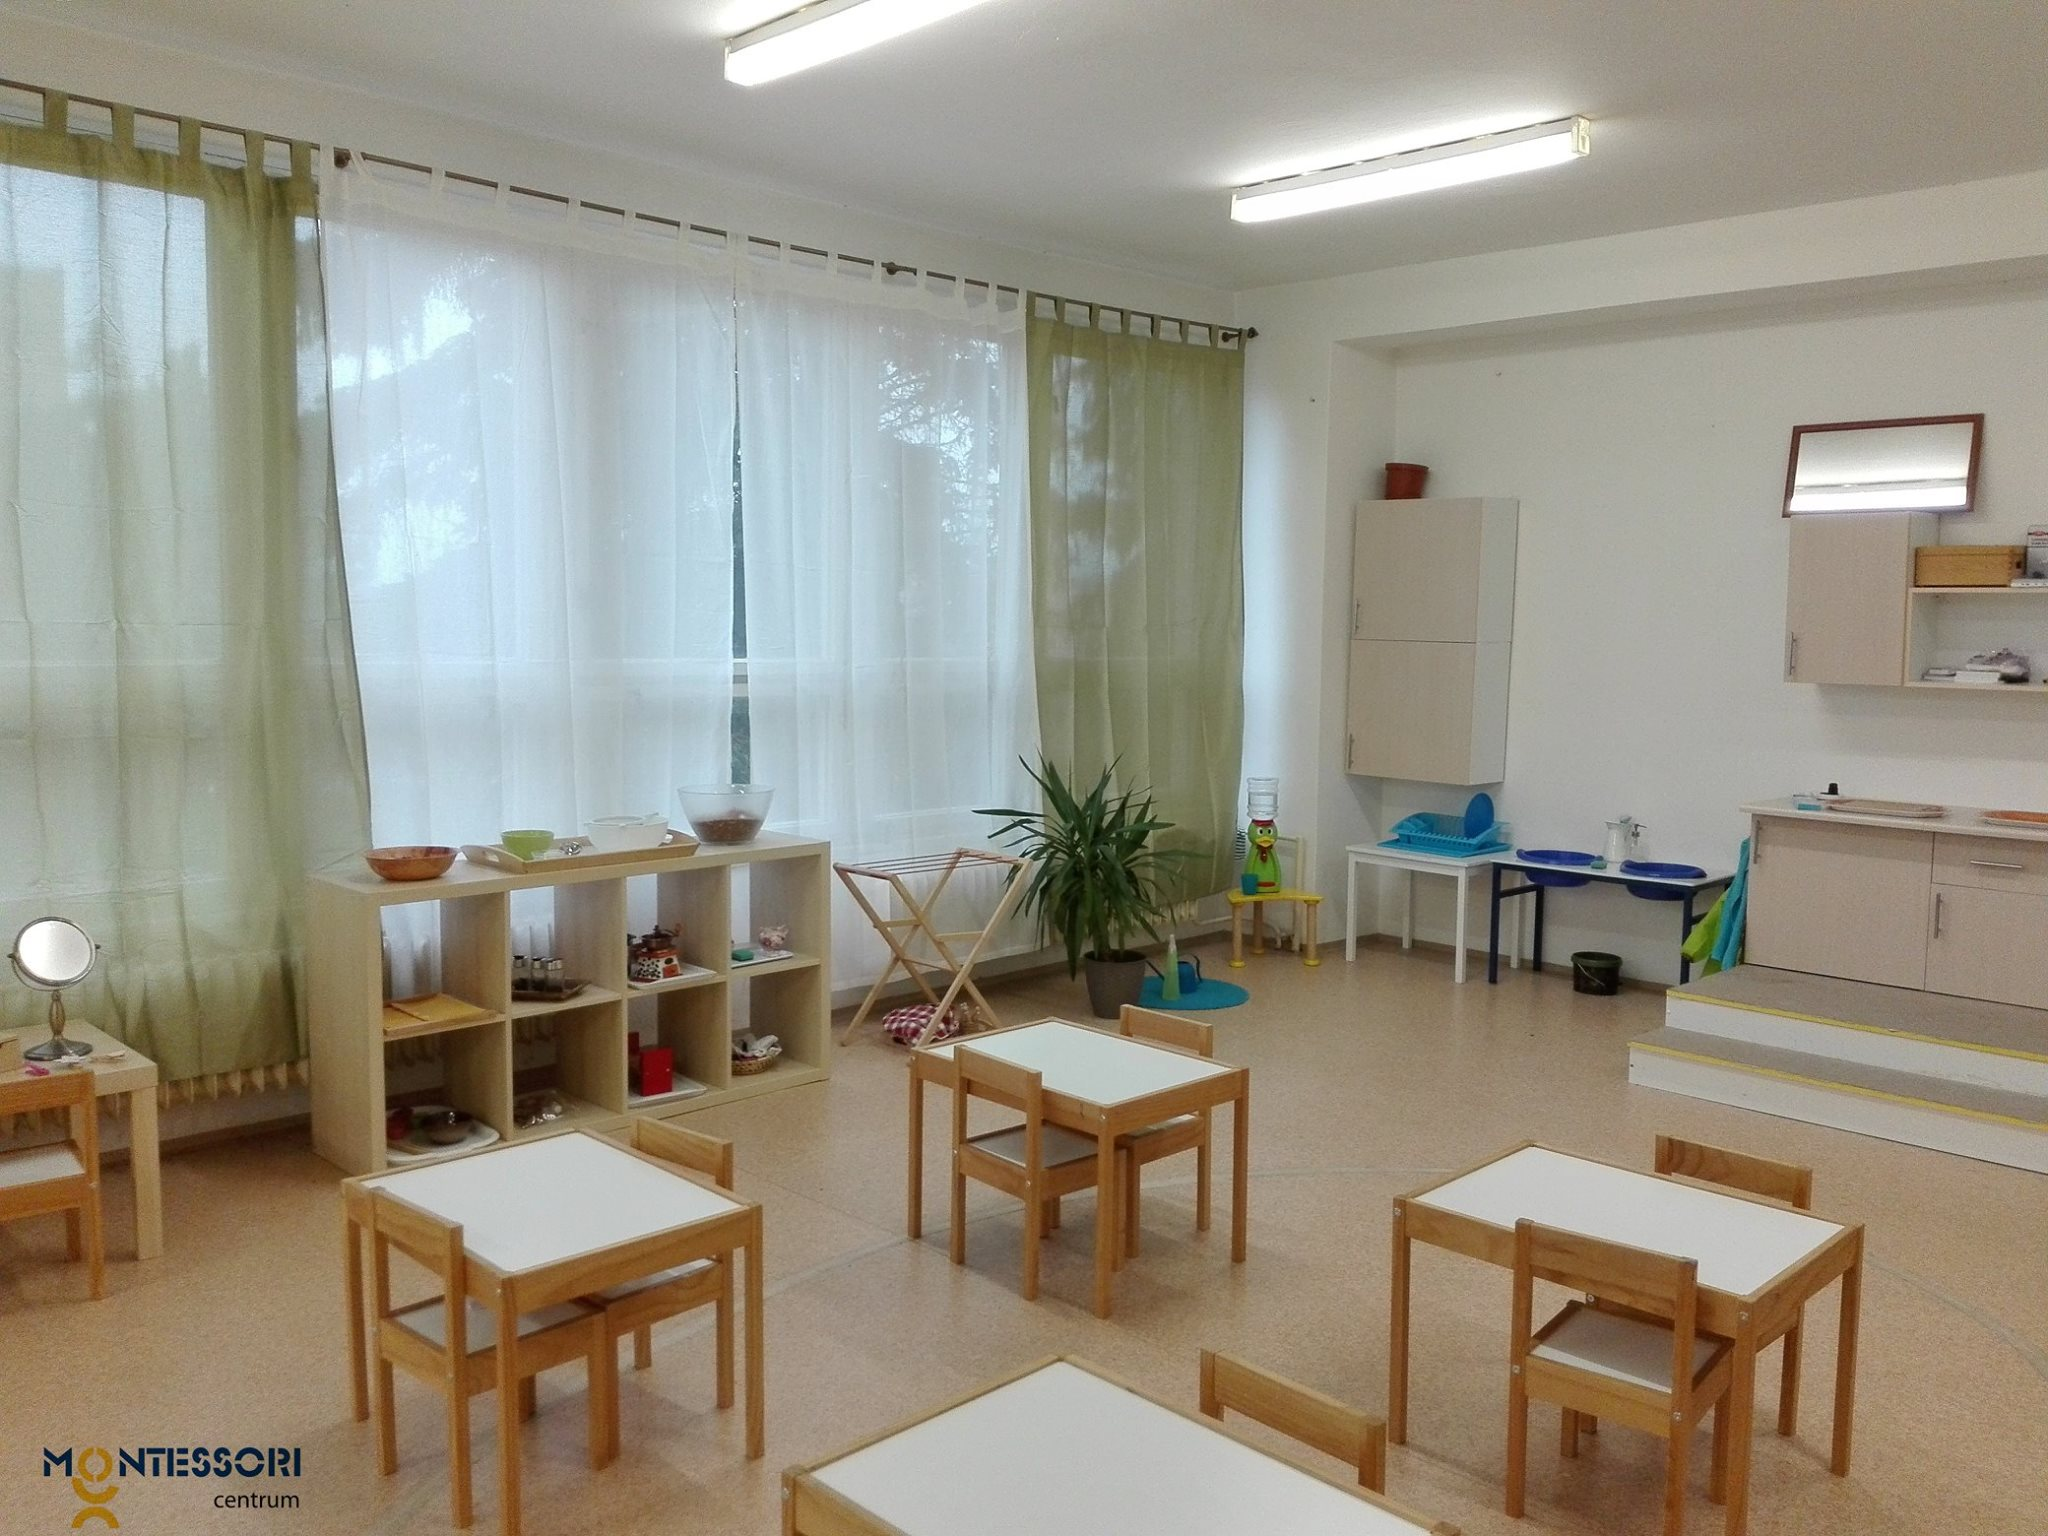 Montessori_centrum_Zvolen